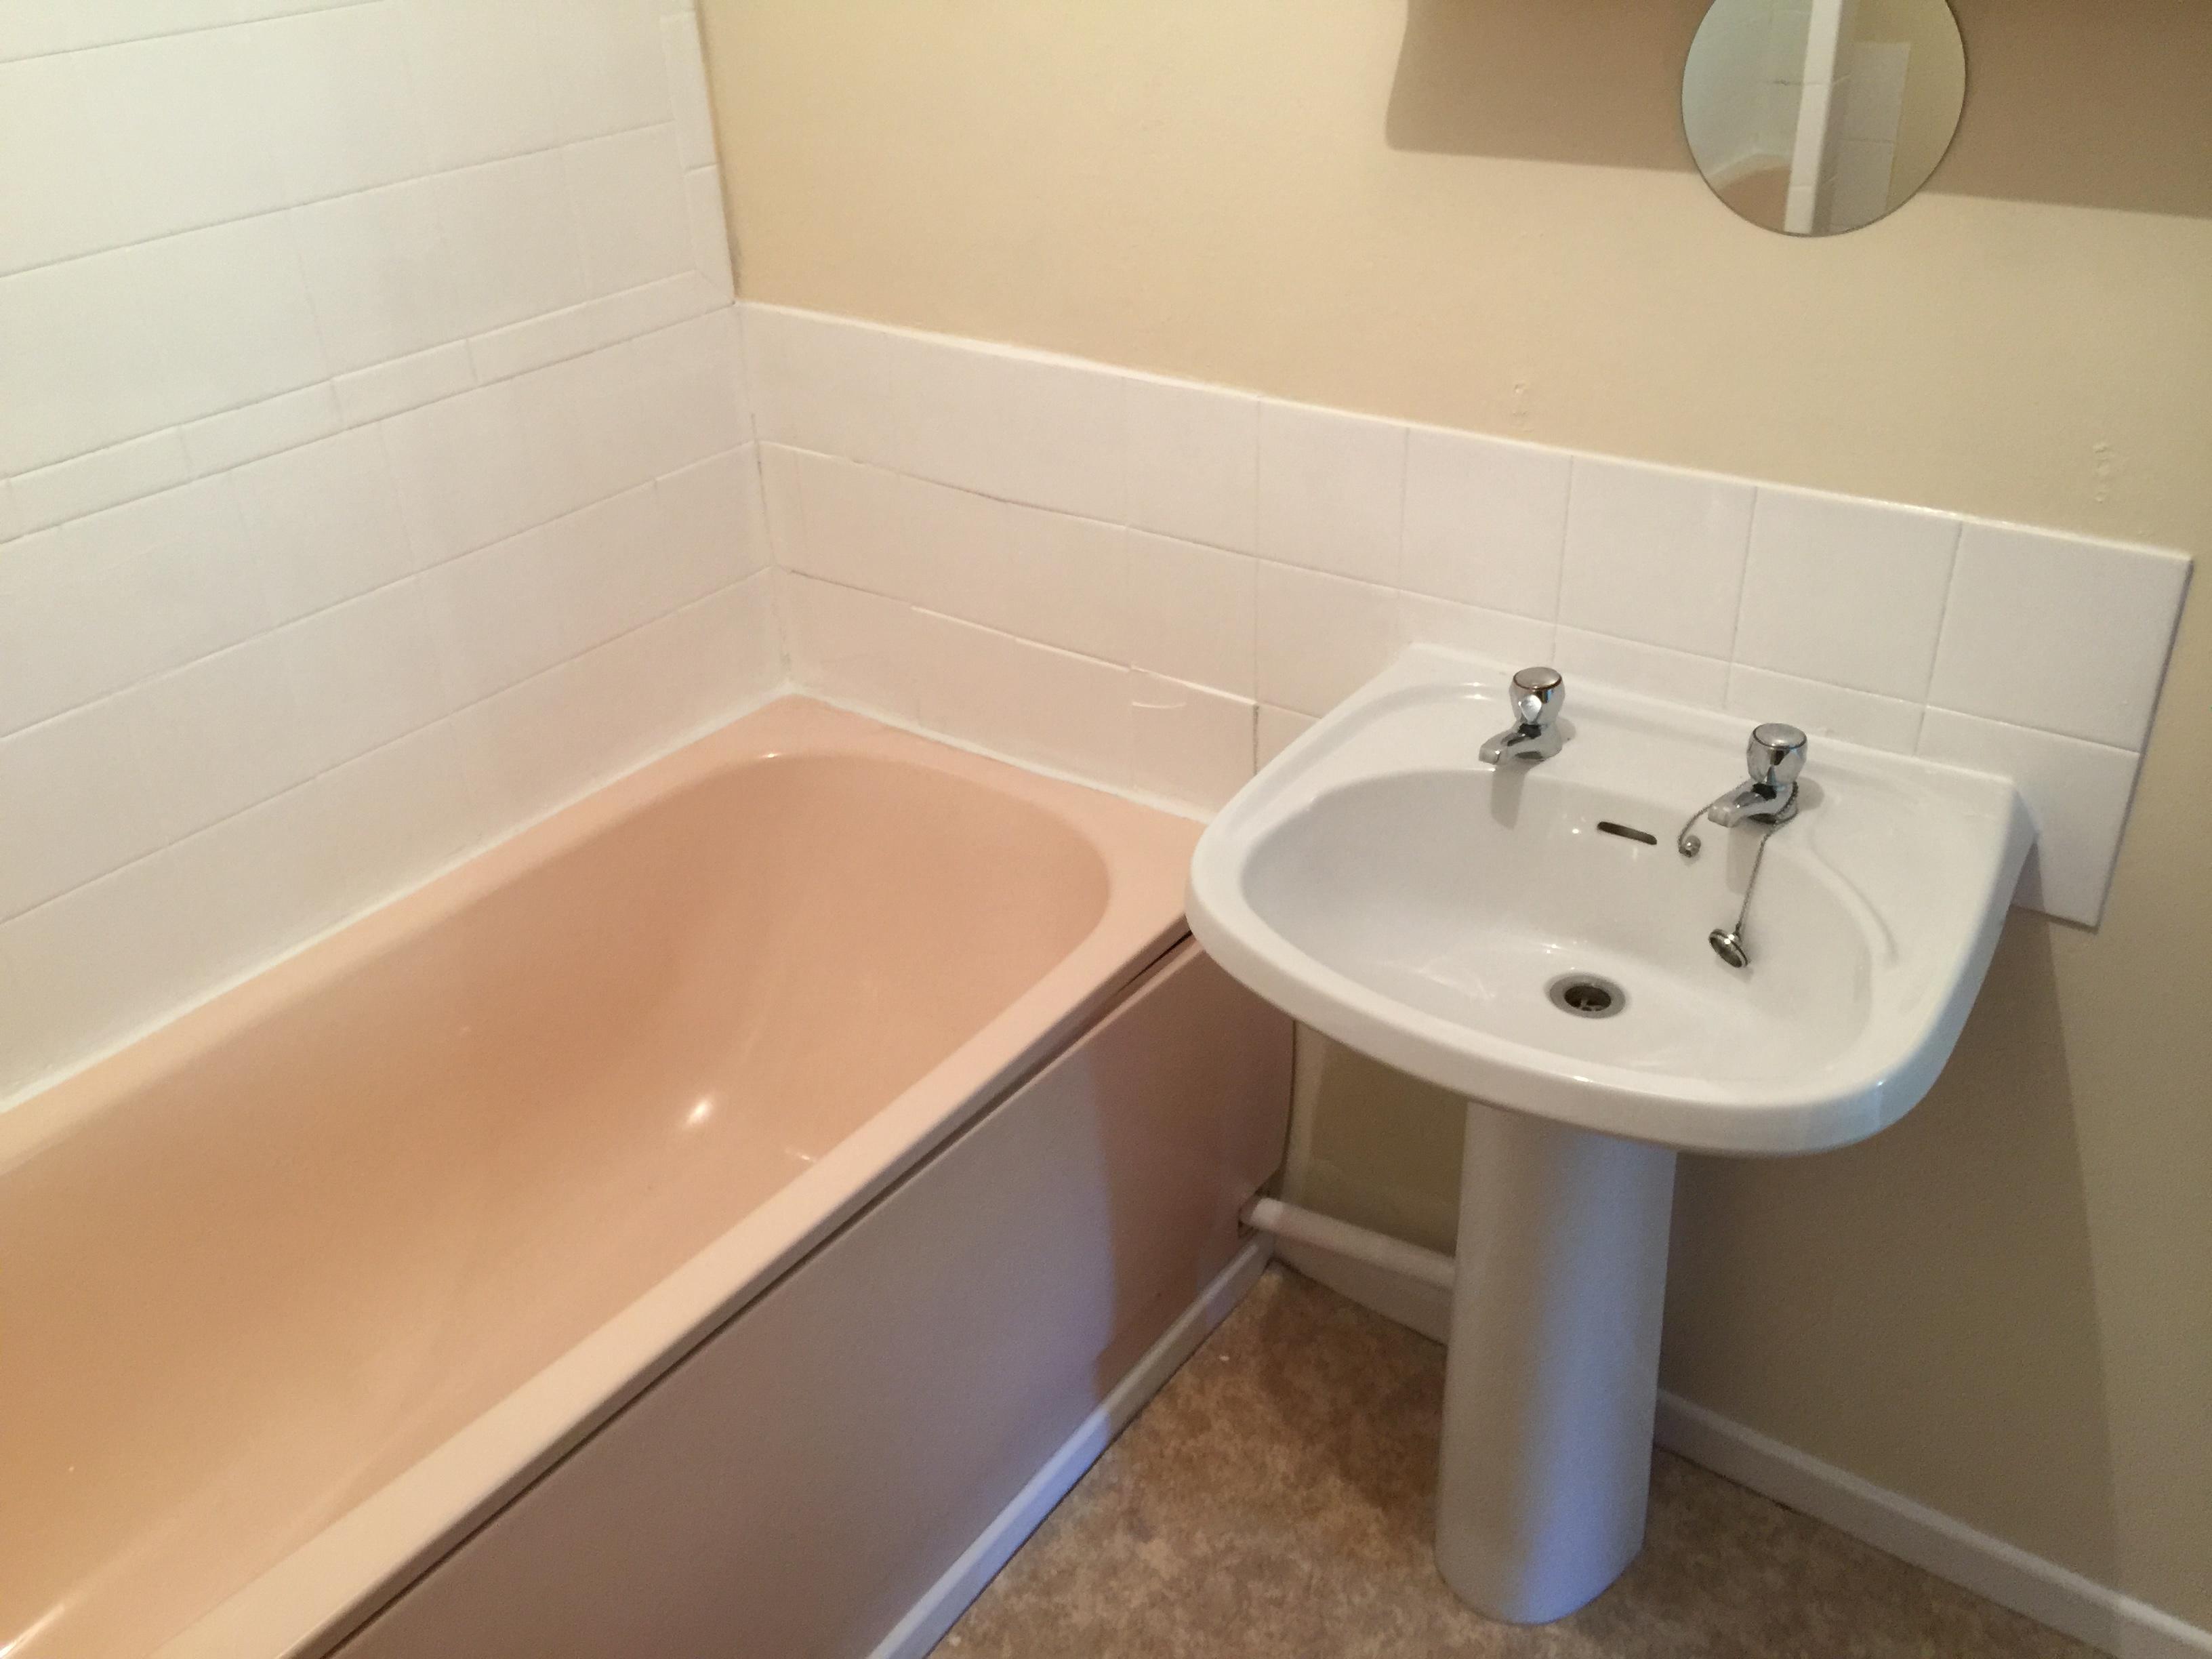 Bathroom pic a